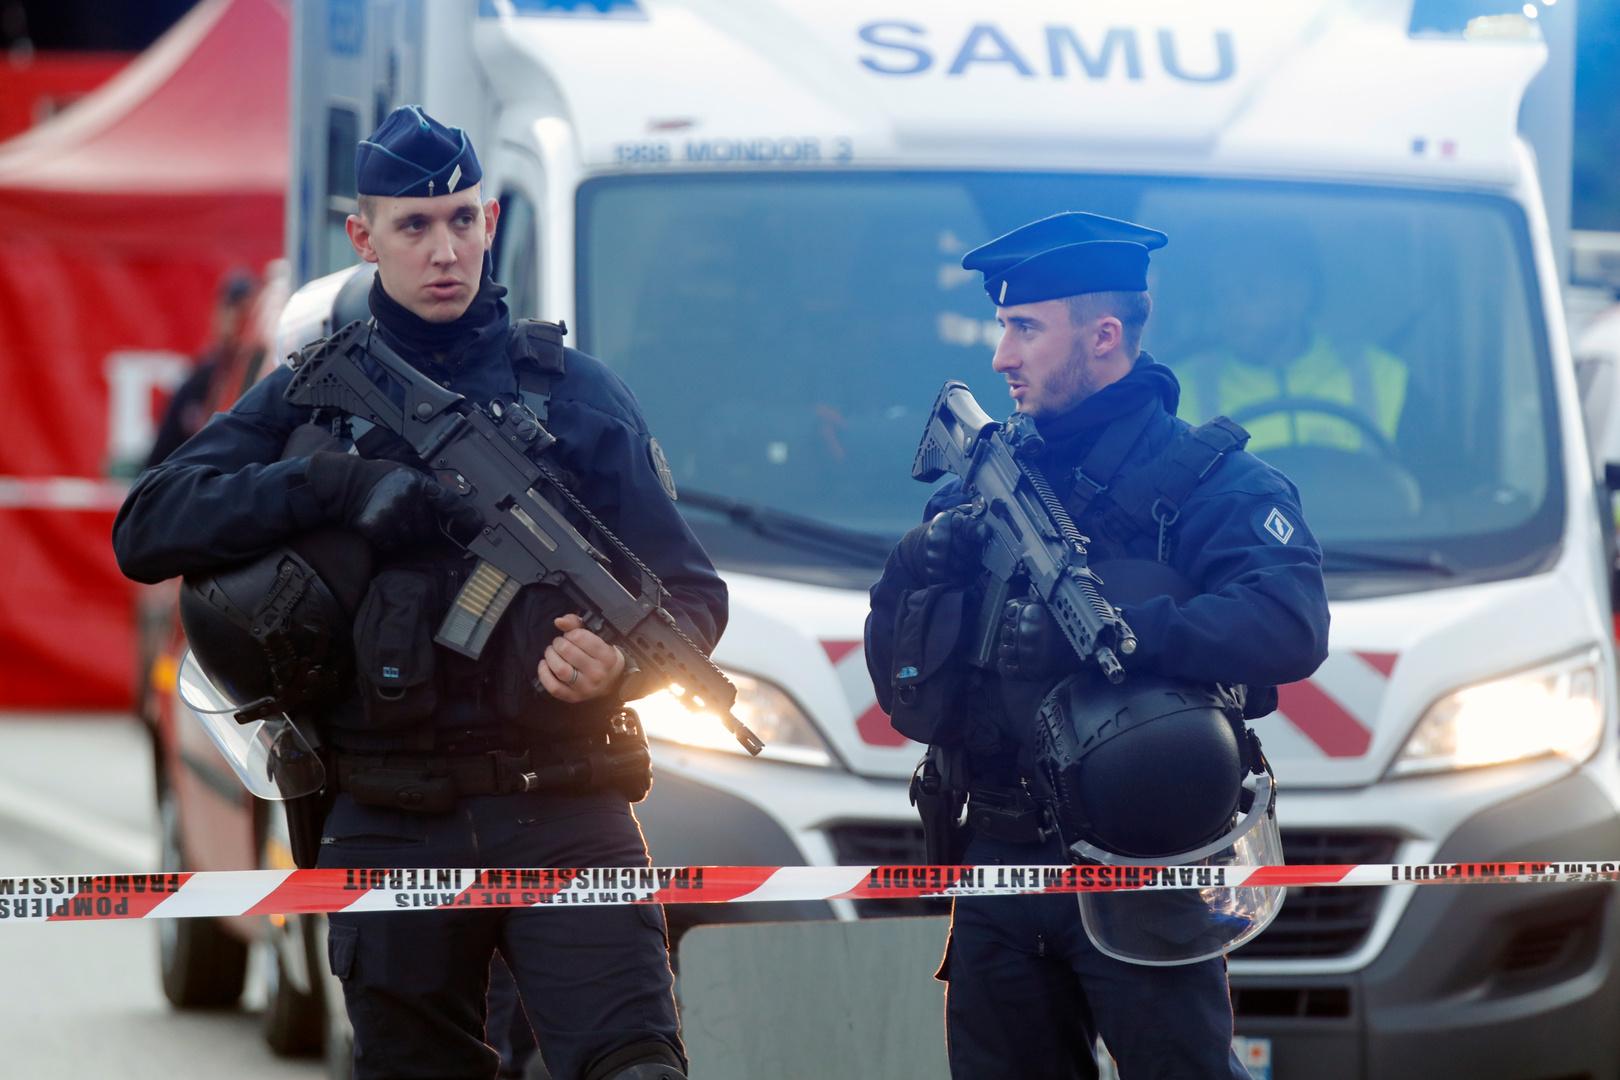 عناصر للشرطة الفرنسية - صورة أرشيفية